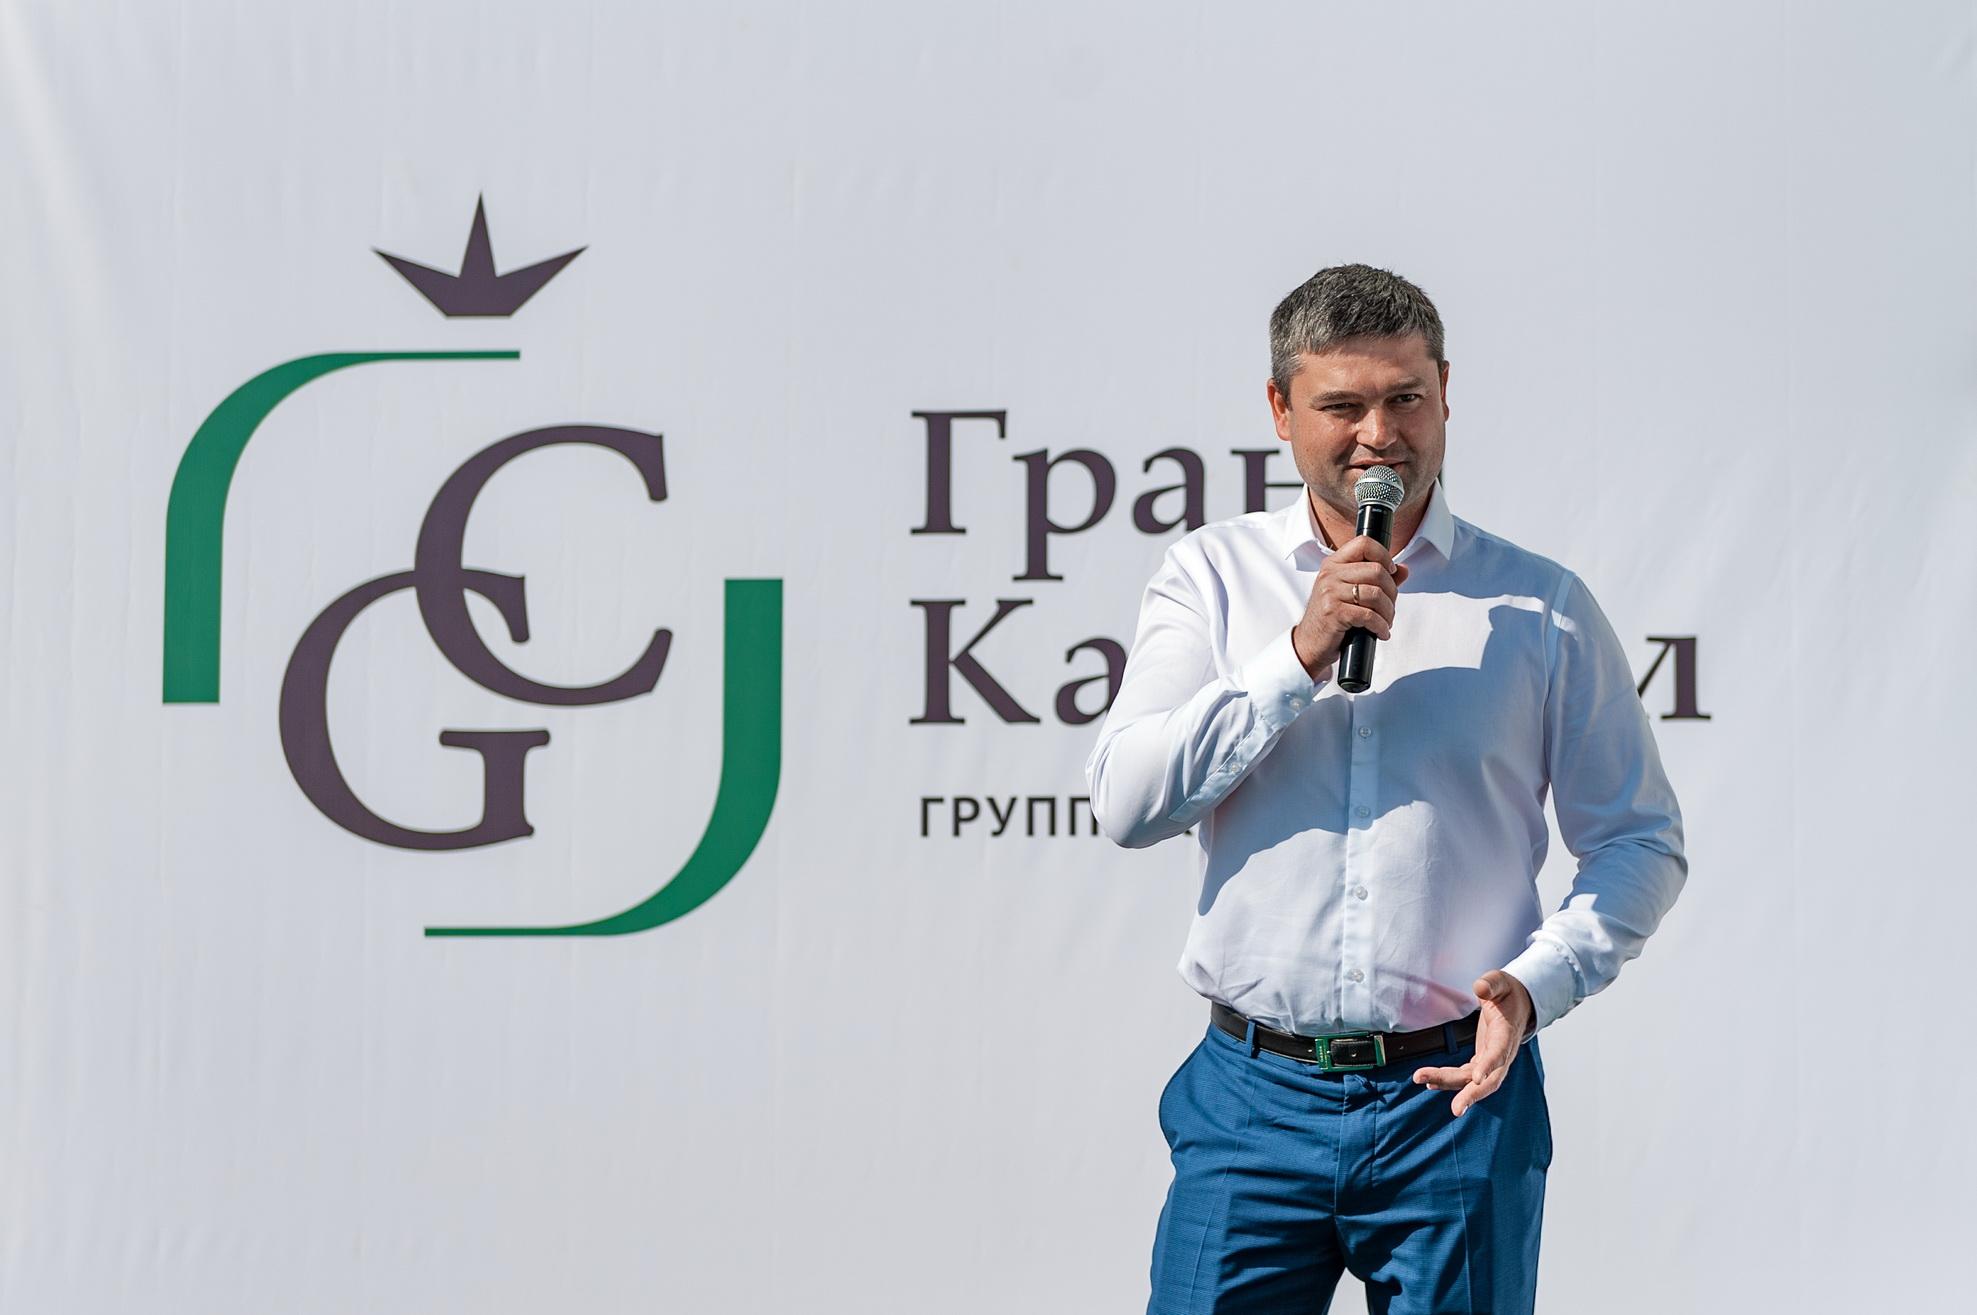 Мероприятие в честь открытия склада в Смоленске